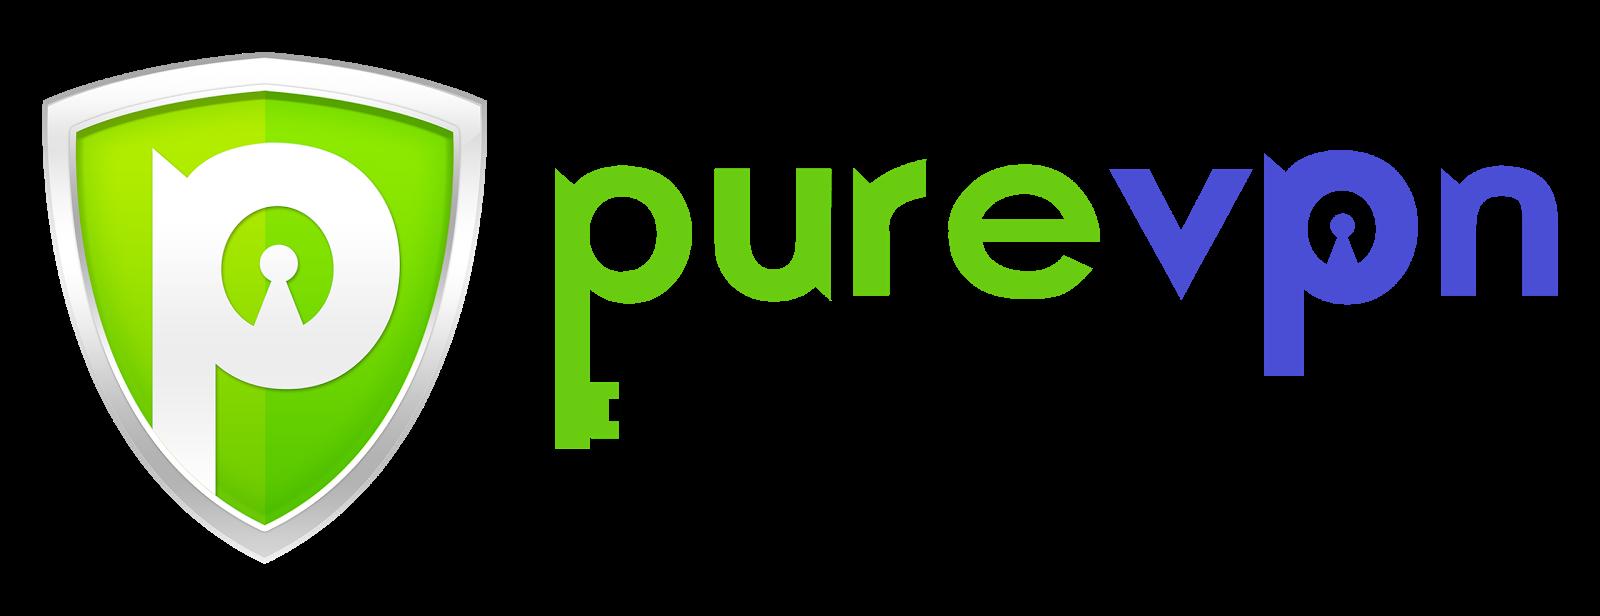 PureVPN Coupon Code: 95% Off